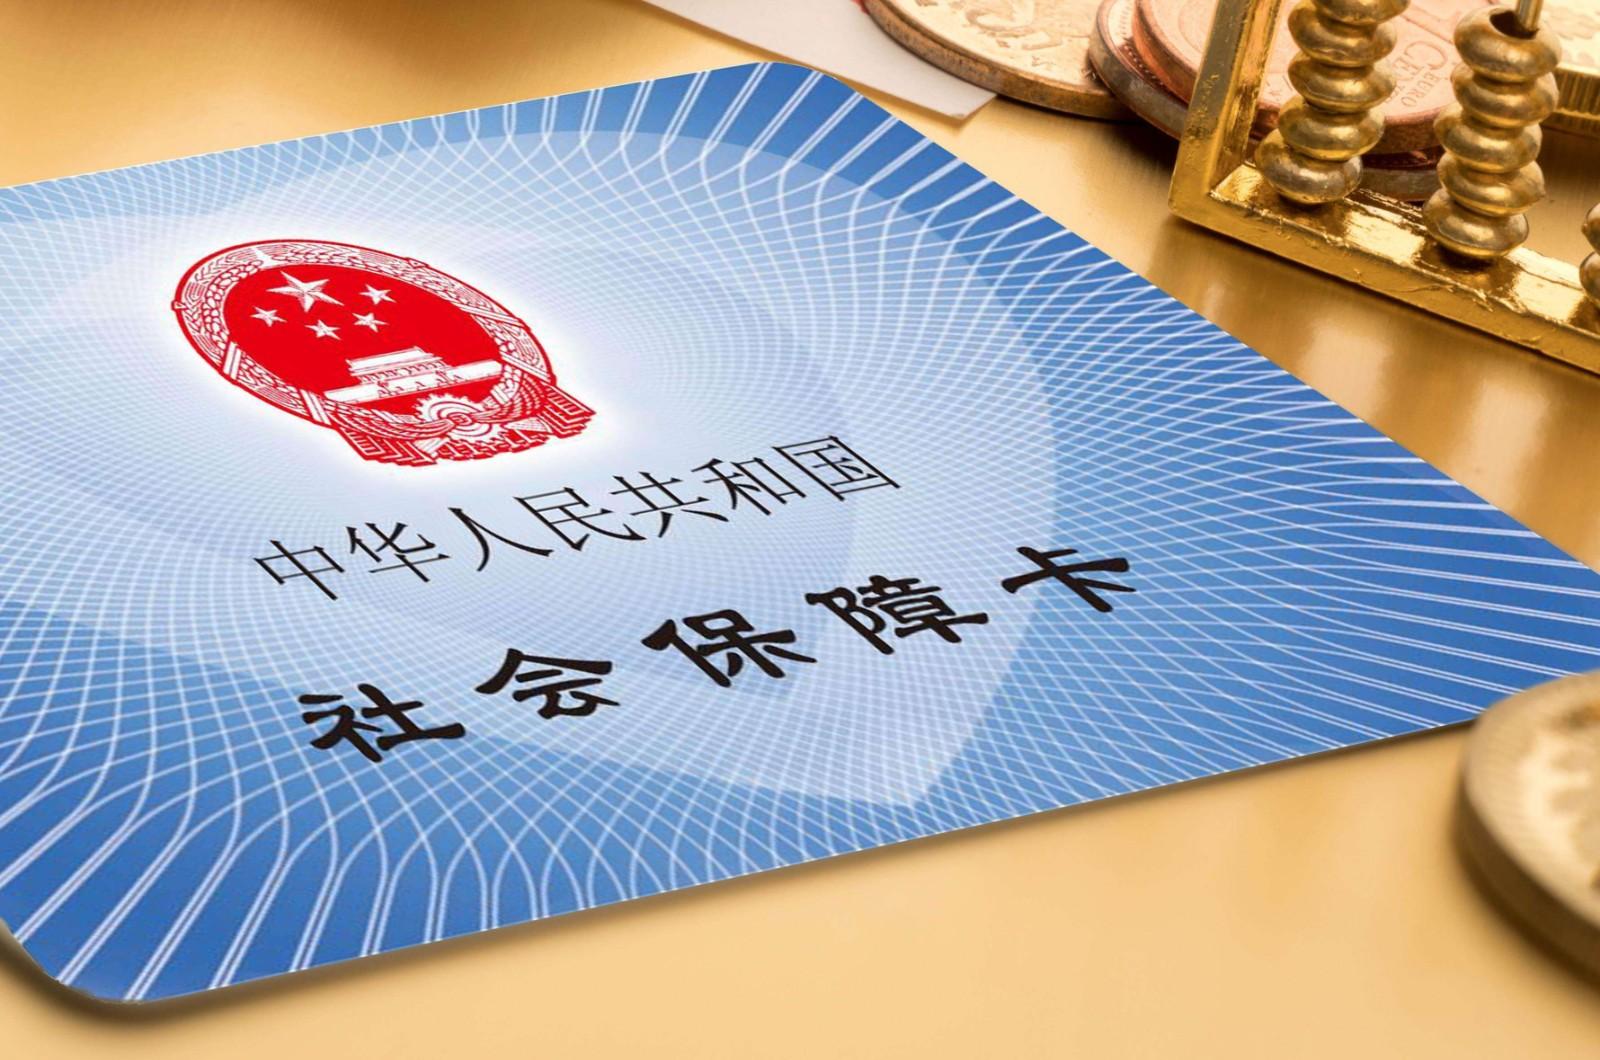 求助!我在武汉工作,可在孝感缴纳的社保,对我以后有什么影响 ?